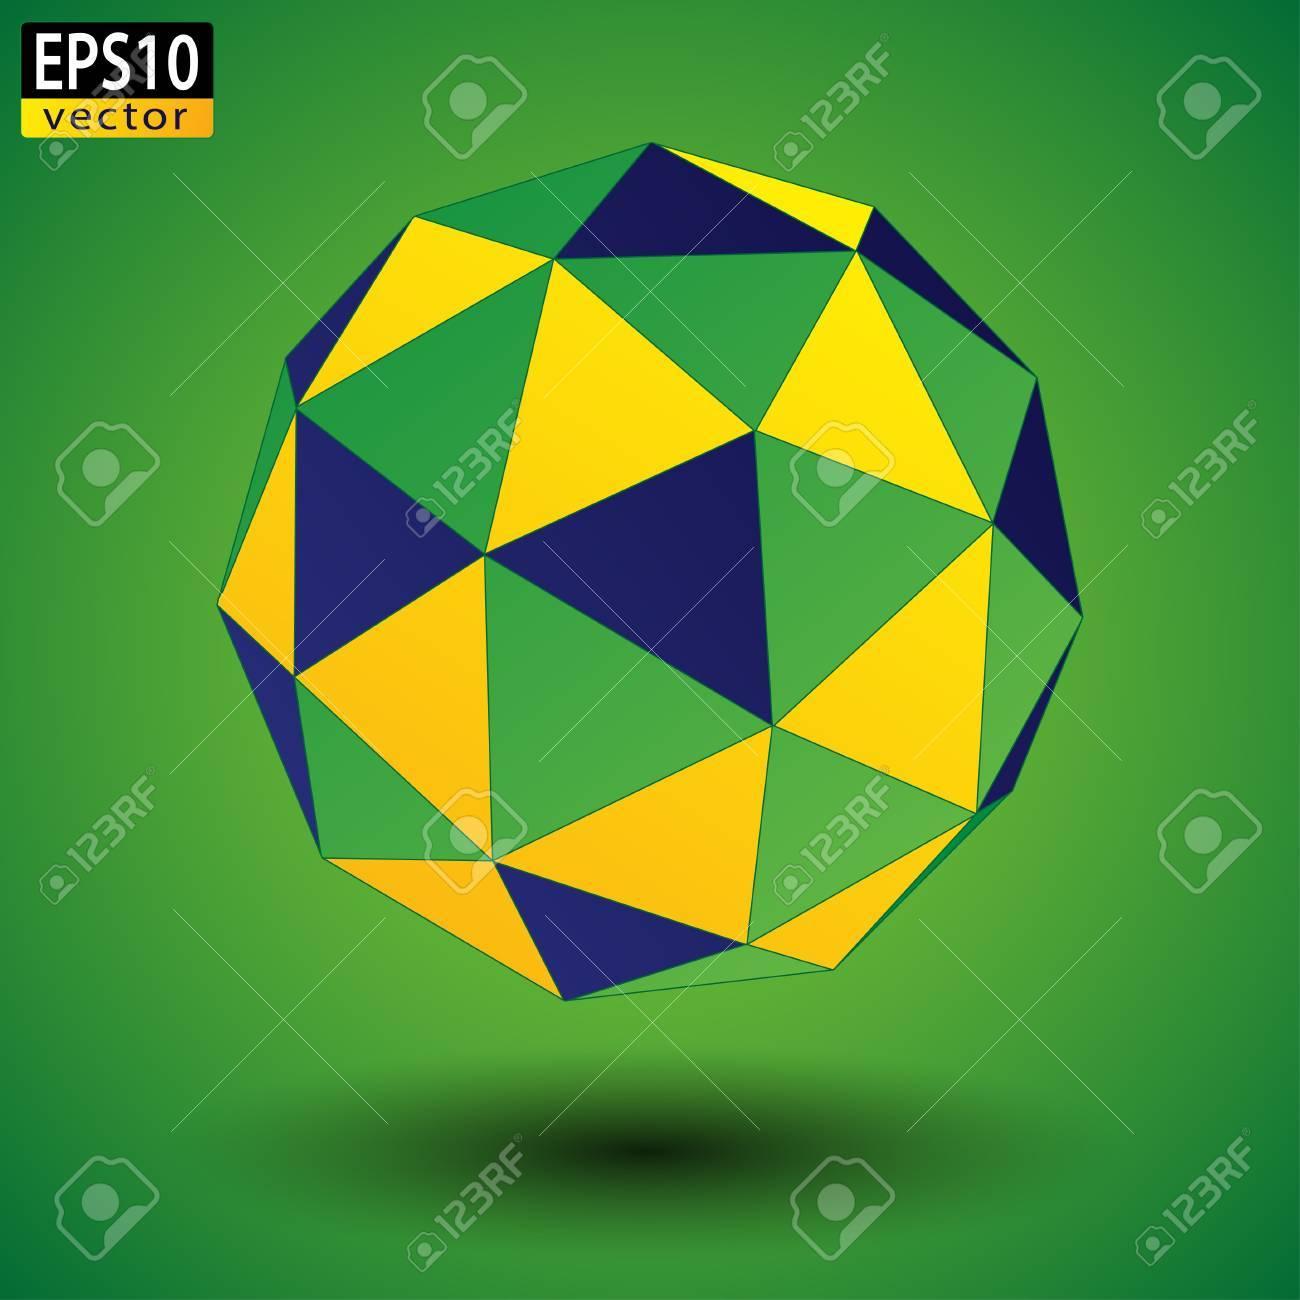 Abstract Brazilian Soccer Ball EPS10 Vector - 51785685